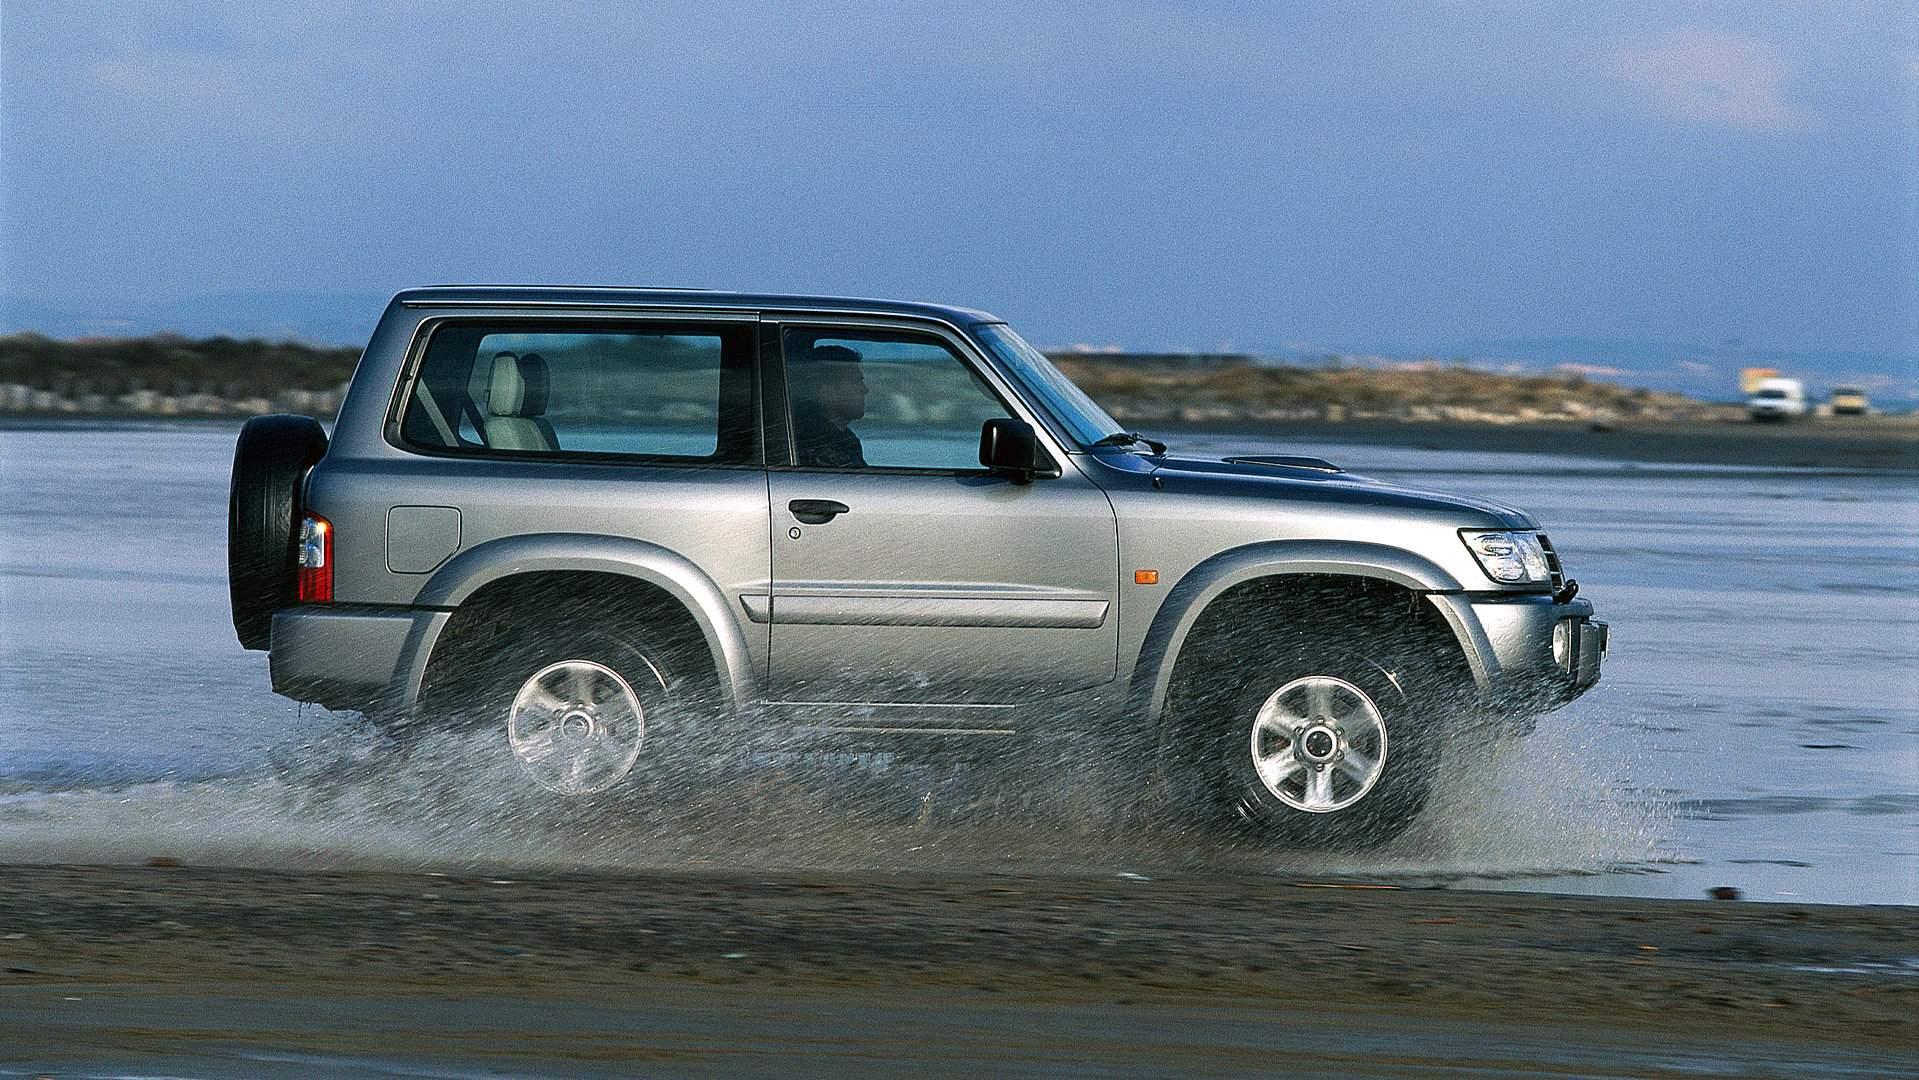 2020 Nissan Patrol Diesel New Review